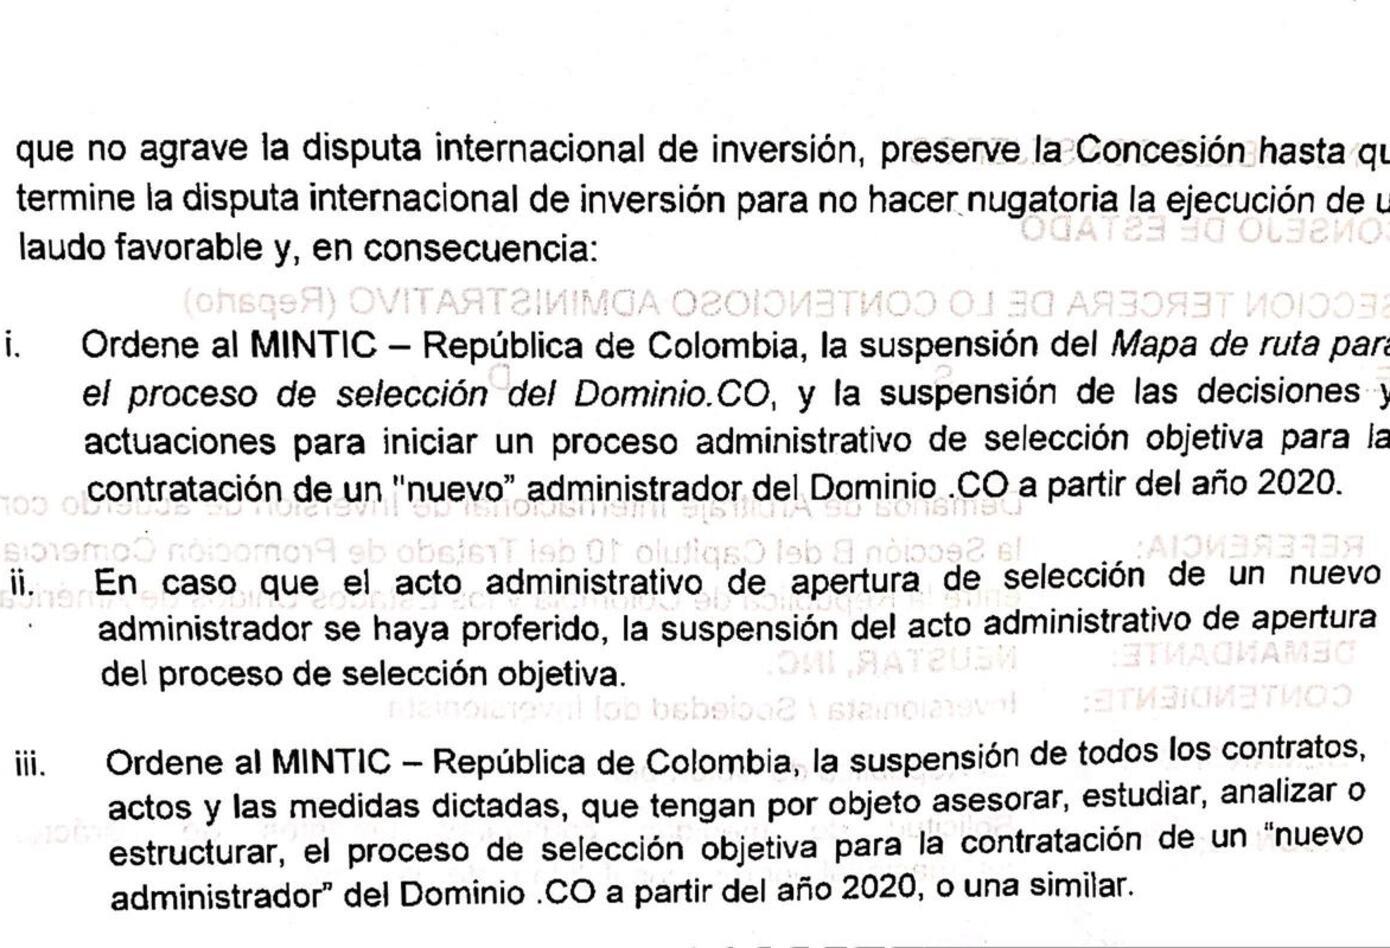 Consejo de Estado solicitud Medidas